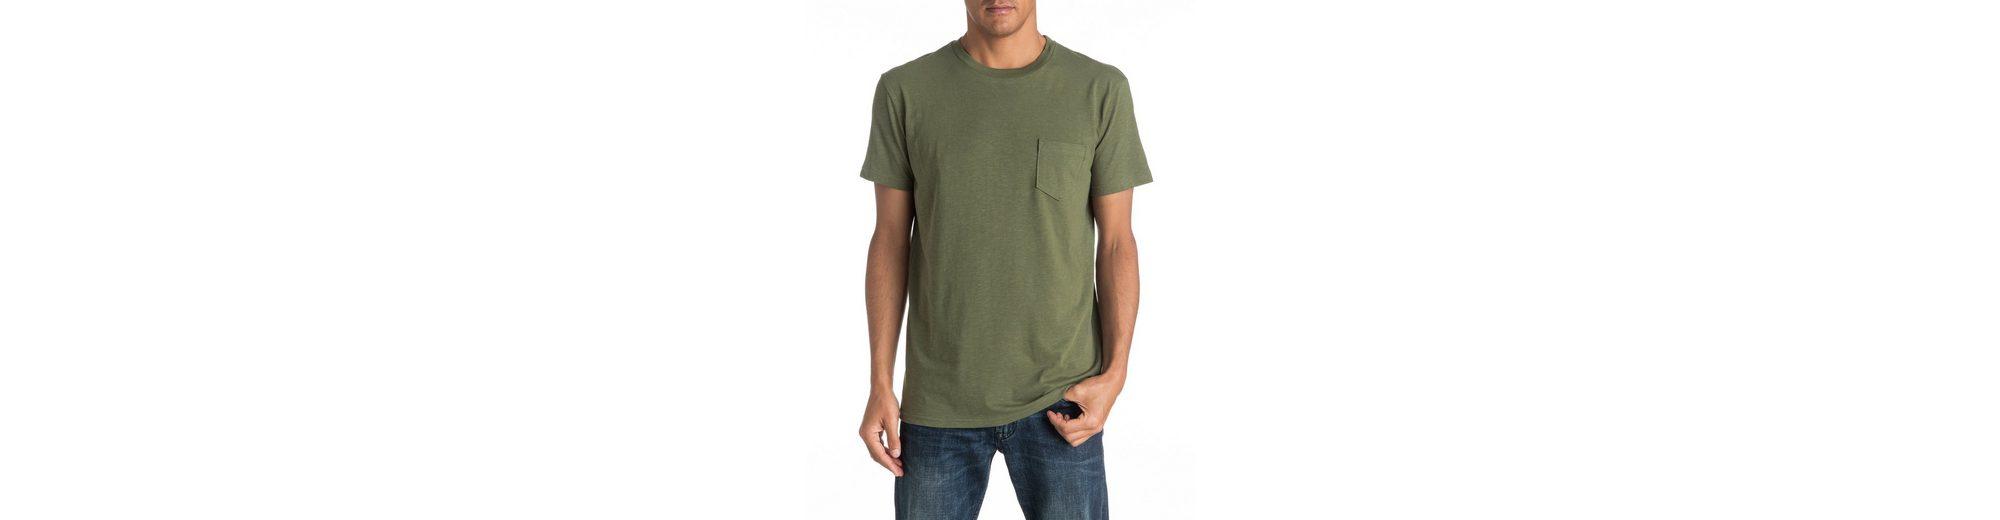 Quiksilver Pocket-T-Shirt Slubstitution - Pocket-T-Shirt Manchester Großer Verkauf Günstiger Preis Erhalten Zu Kaufen Auslassstellen Günstiger Preis Zum Verkauf Zum Verkauf Beliebte Online M4EiIIBw1